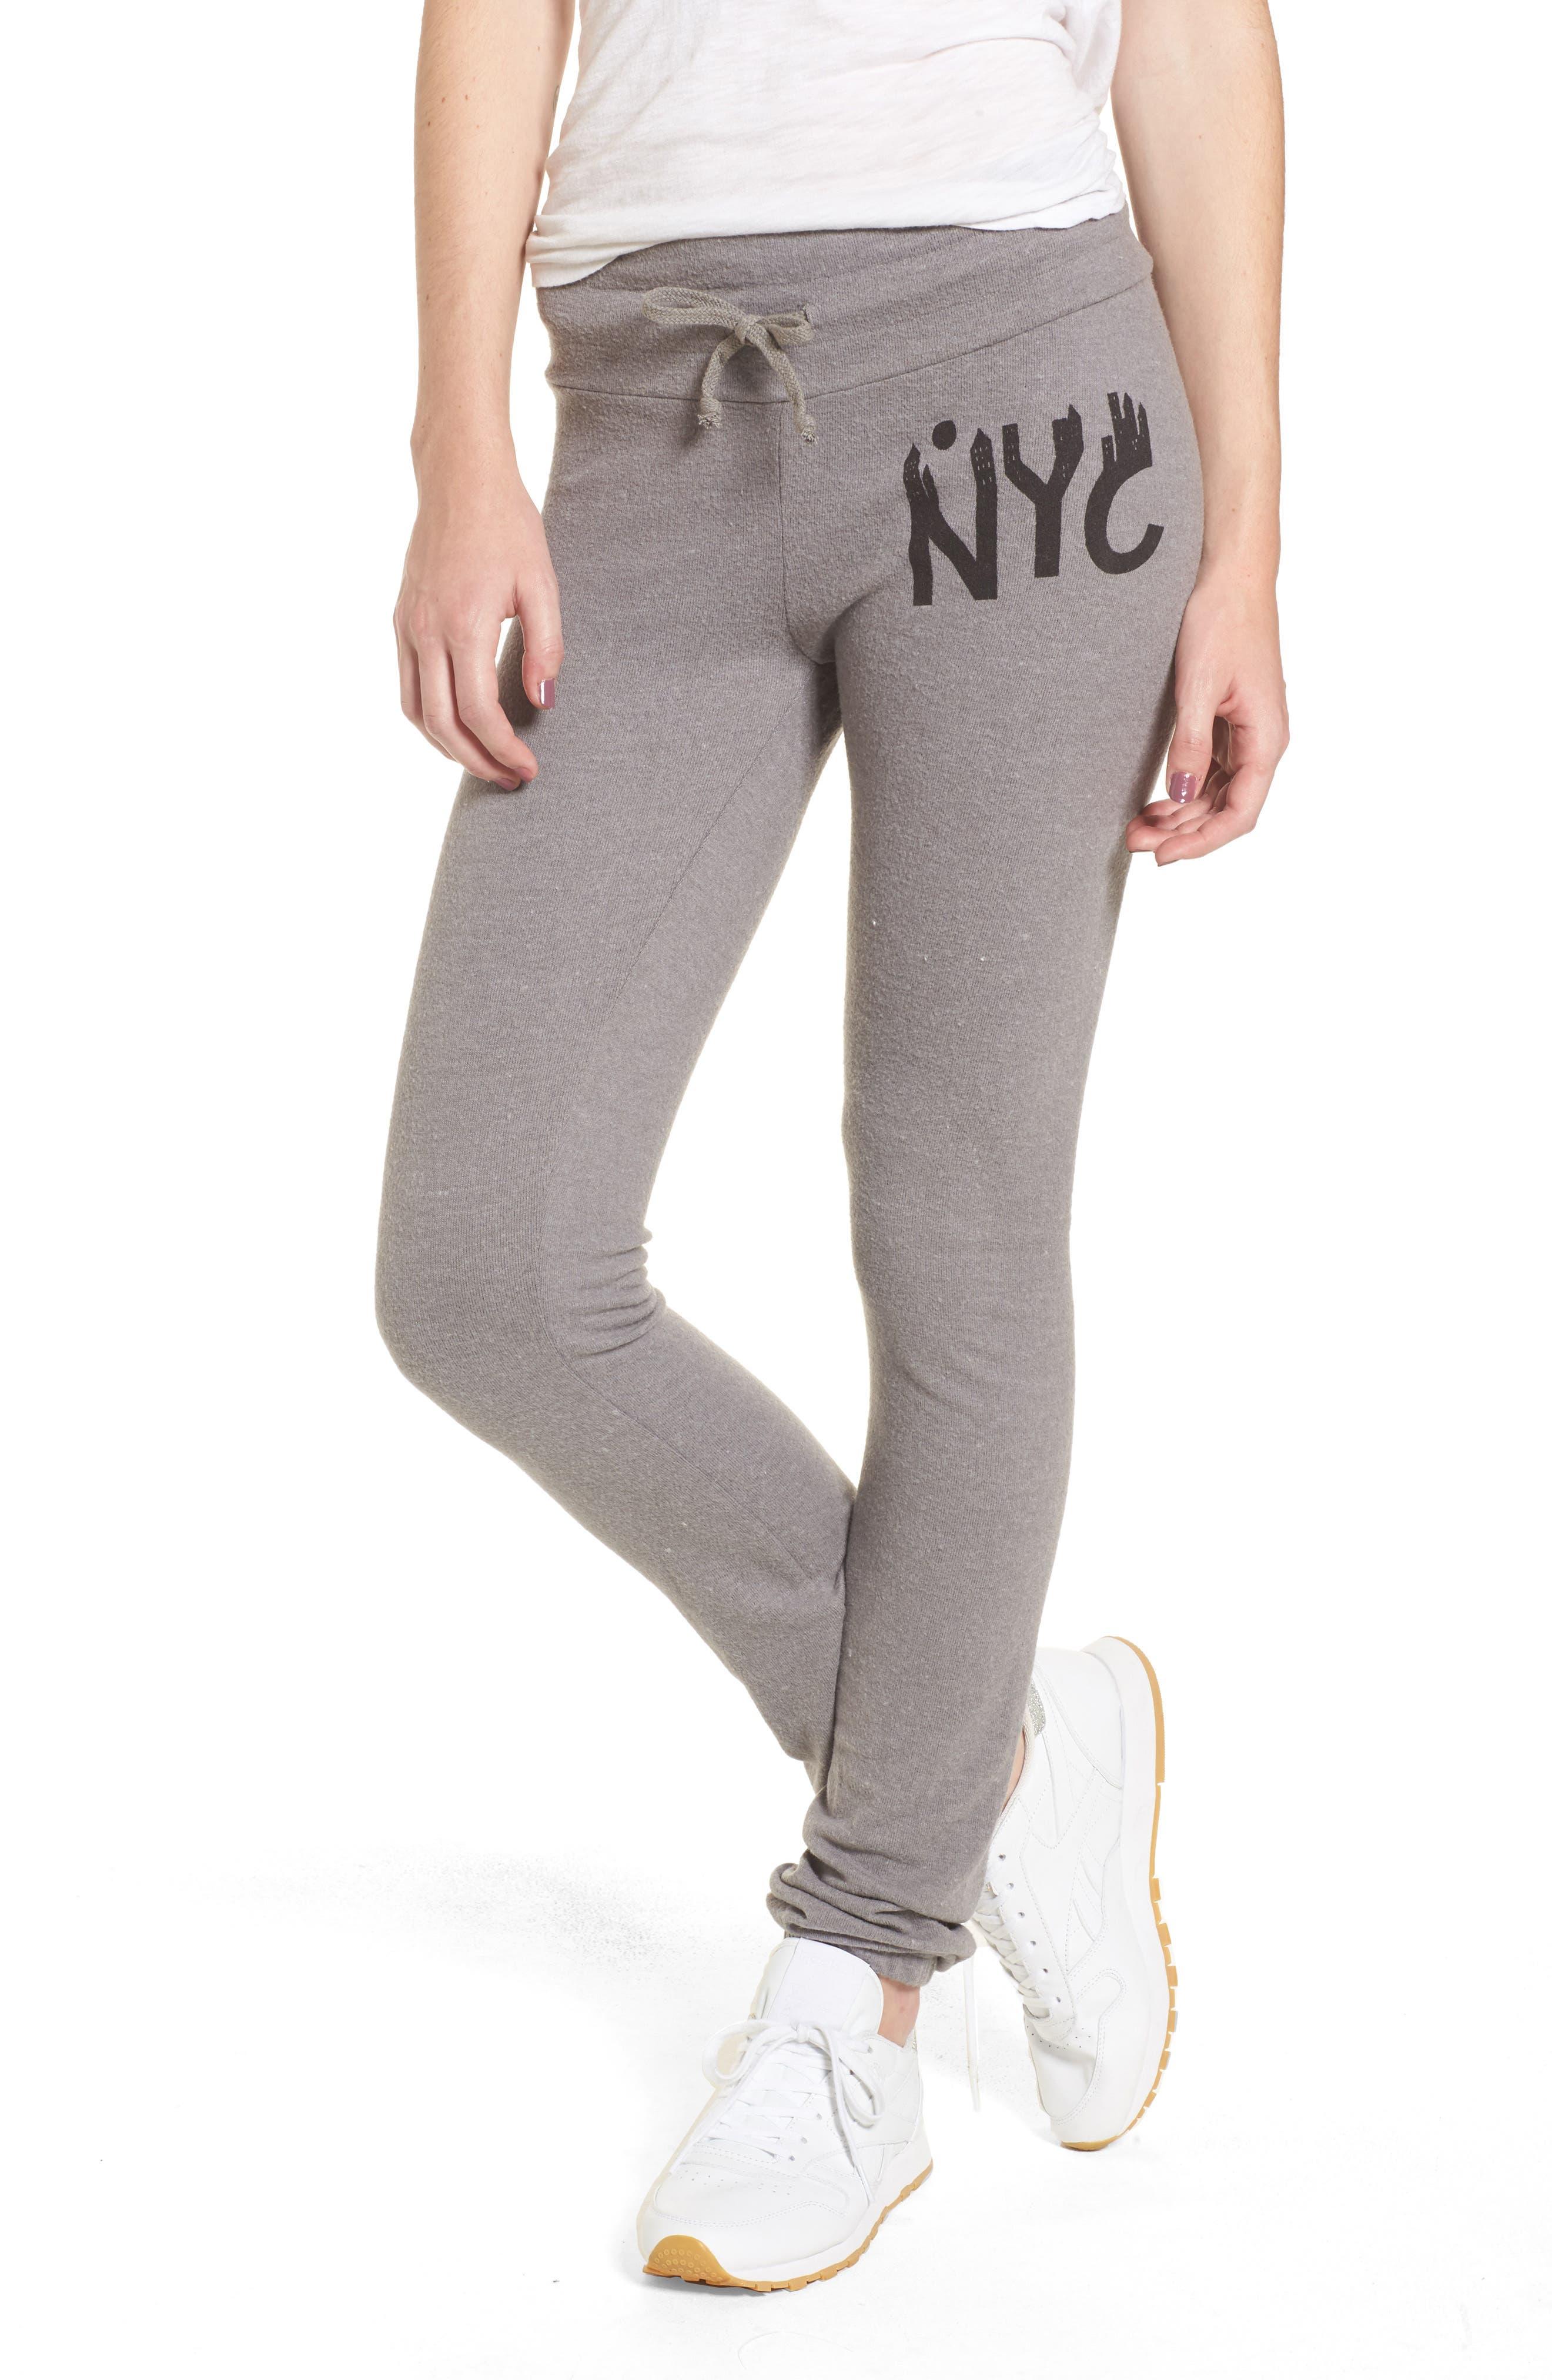 NYC Sweatpants,                             Main thumbnail 1, color,                             Vintage Grey